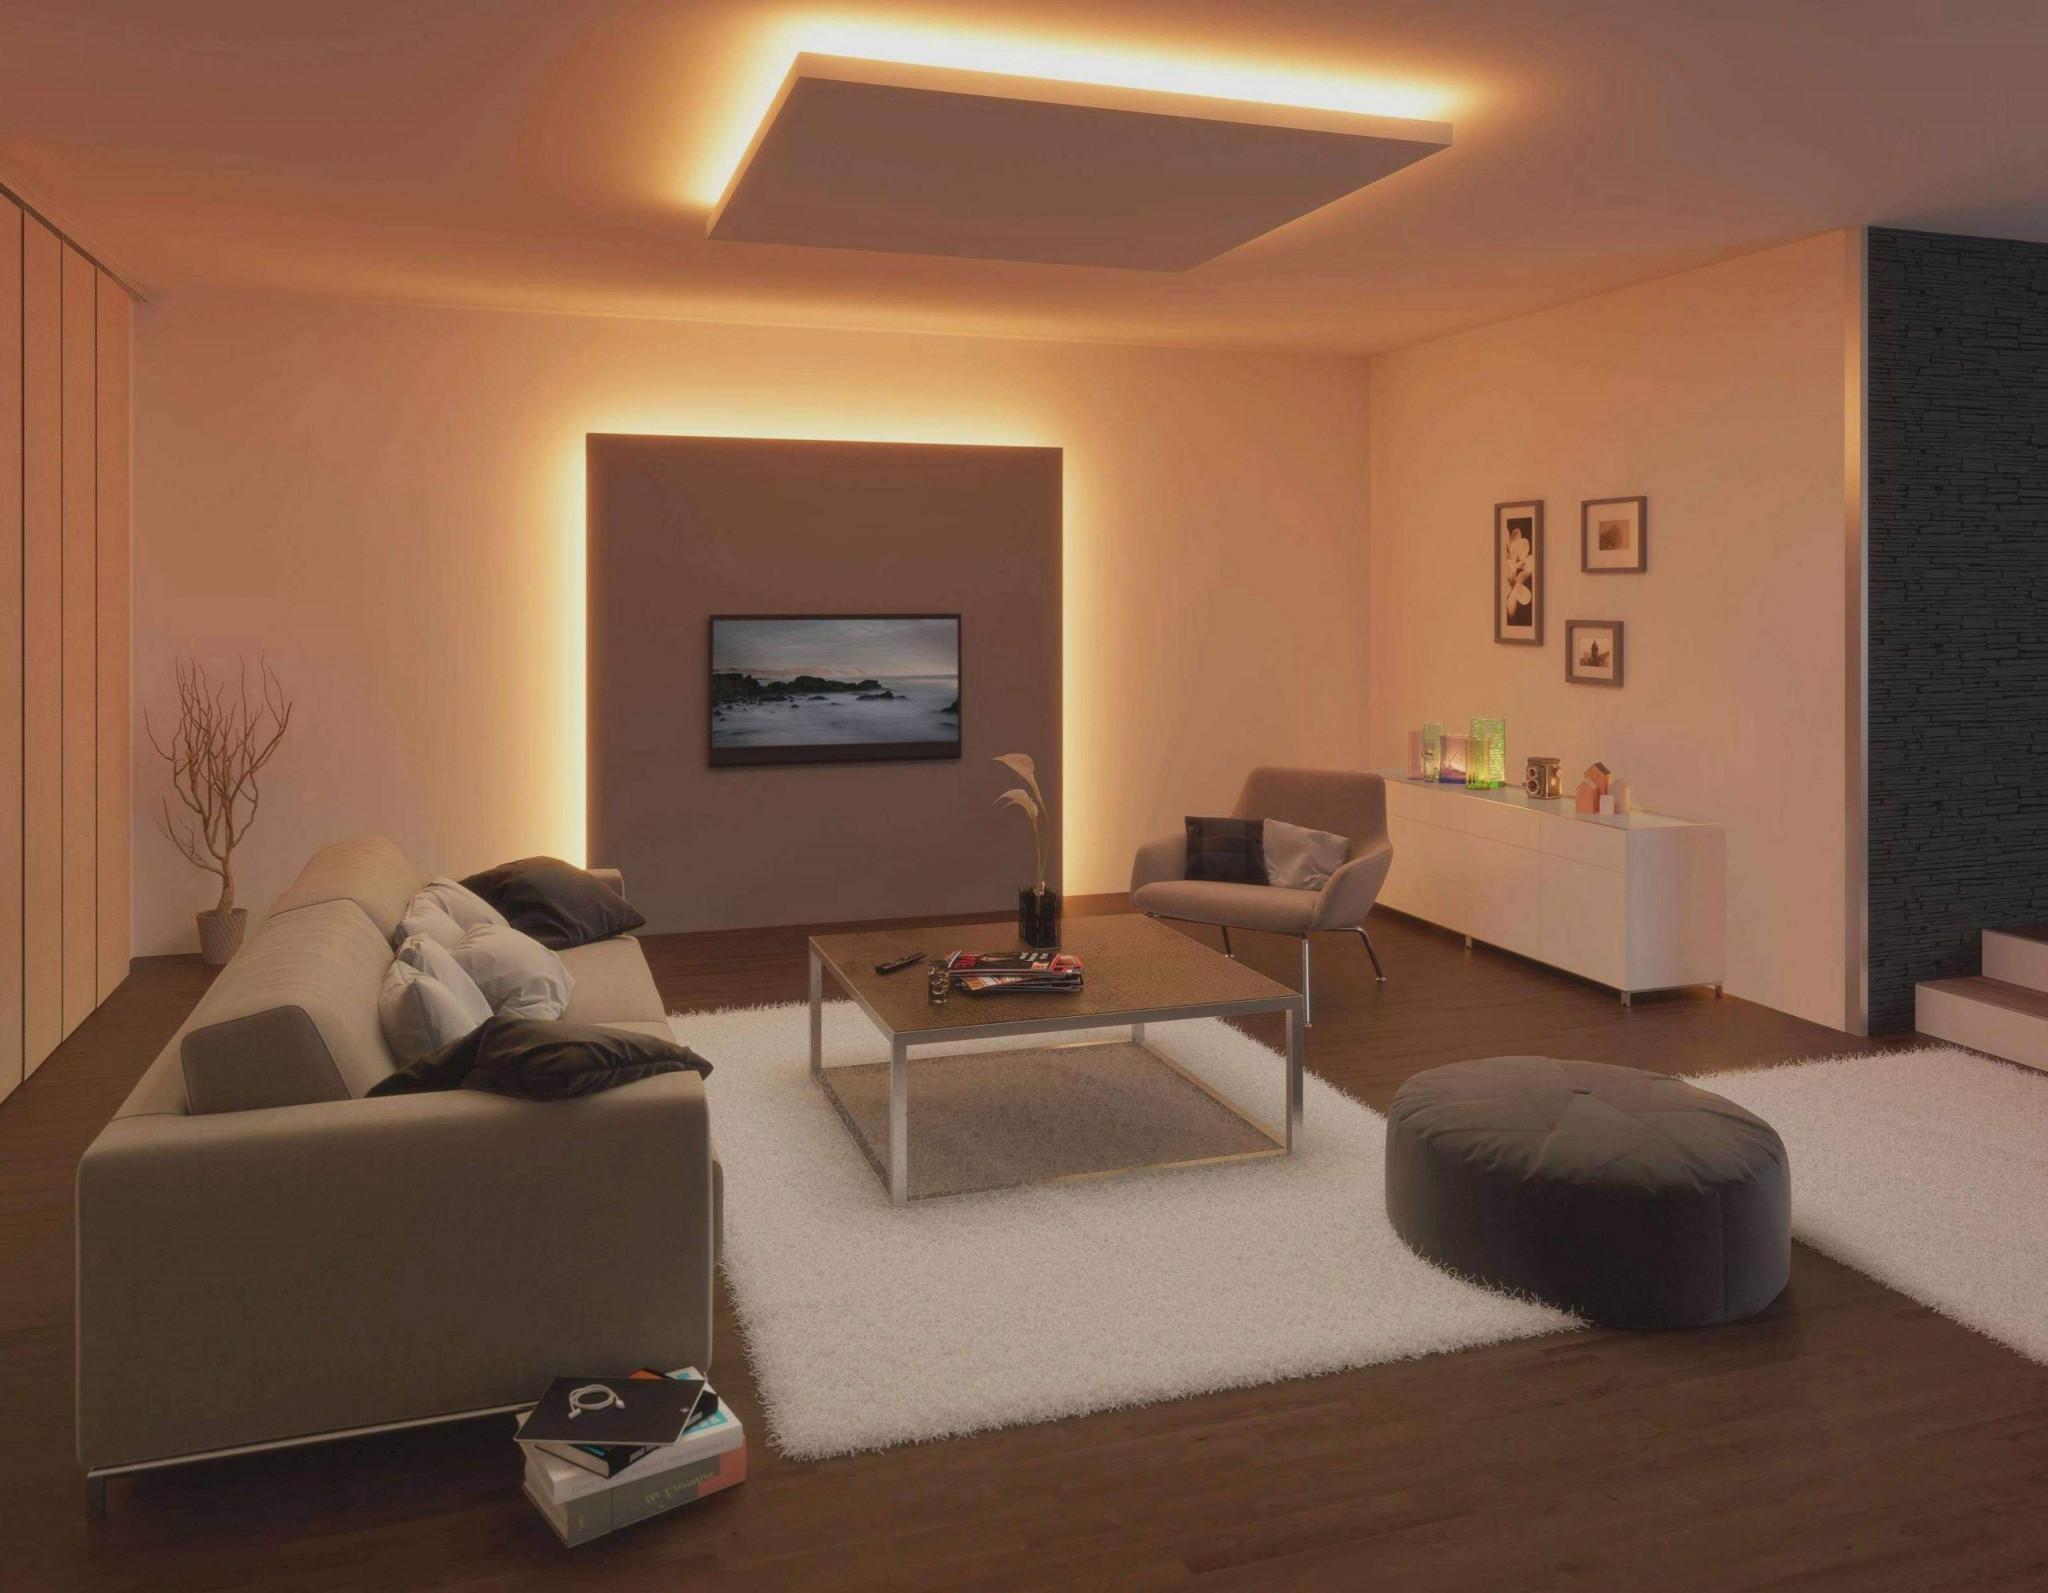 Wohnzimmer Gestalten Ideen Das Beste Von Wohnzimmer von Ideen Wohnzimmer Gestalten Photo